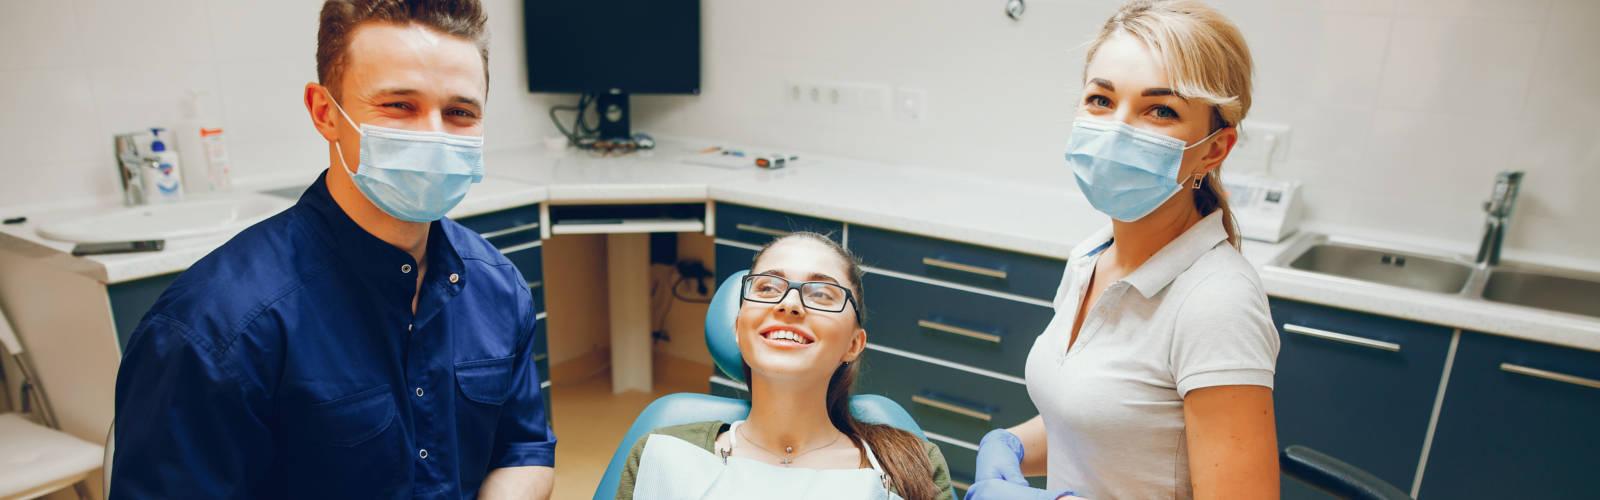 Karriere machen als Zahnarzt oder zahnmedizinische Fachangestellte in Rangsdorf